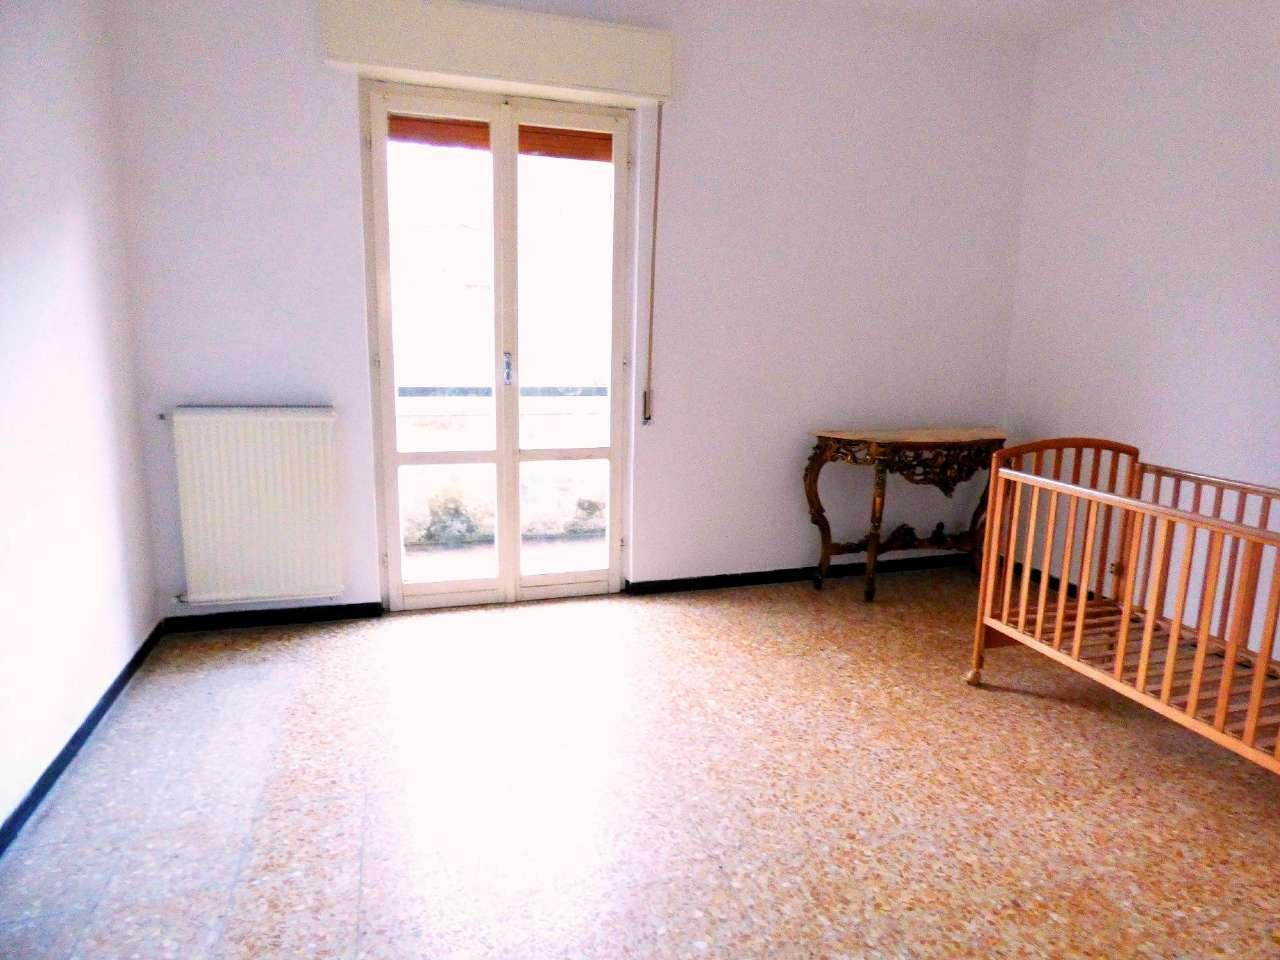 Appartamento in vendita a Cicagna, 5 locali, prezzo € 95.000 | PortaleAgenzieImmobiliari.it